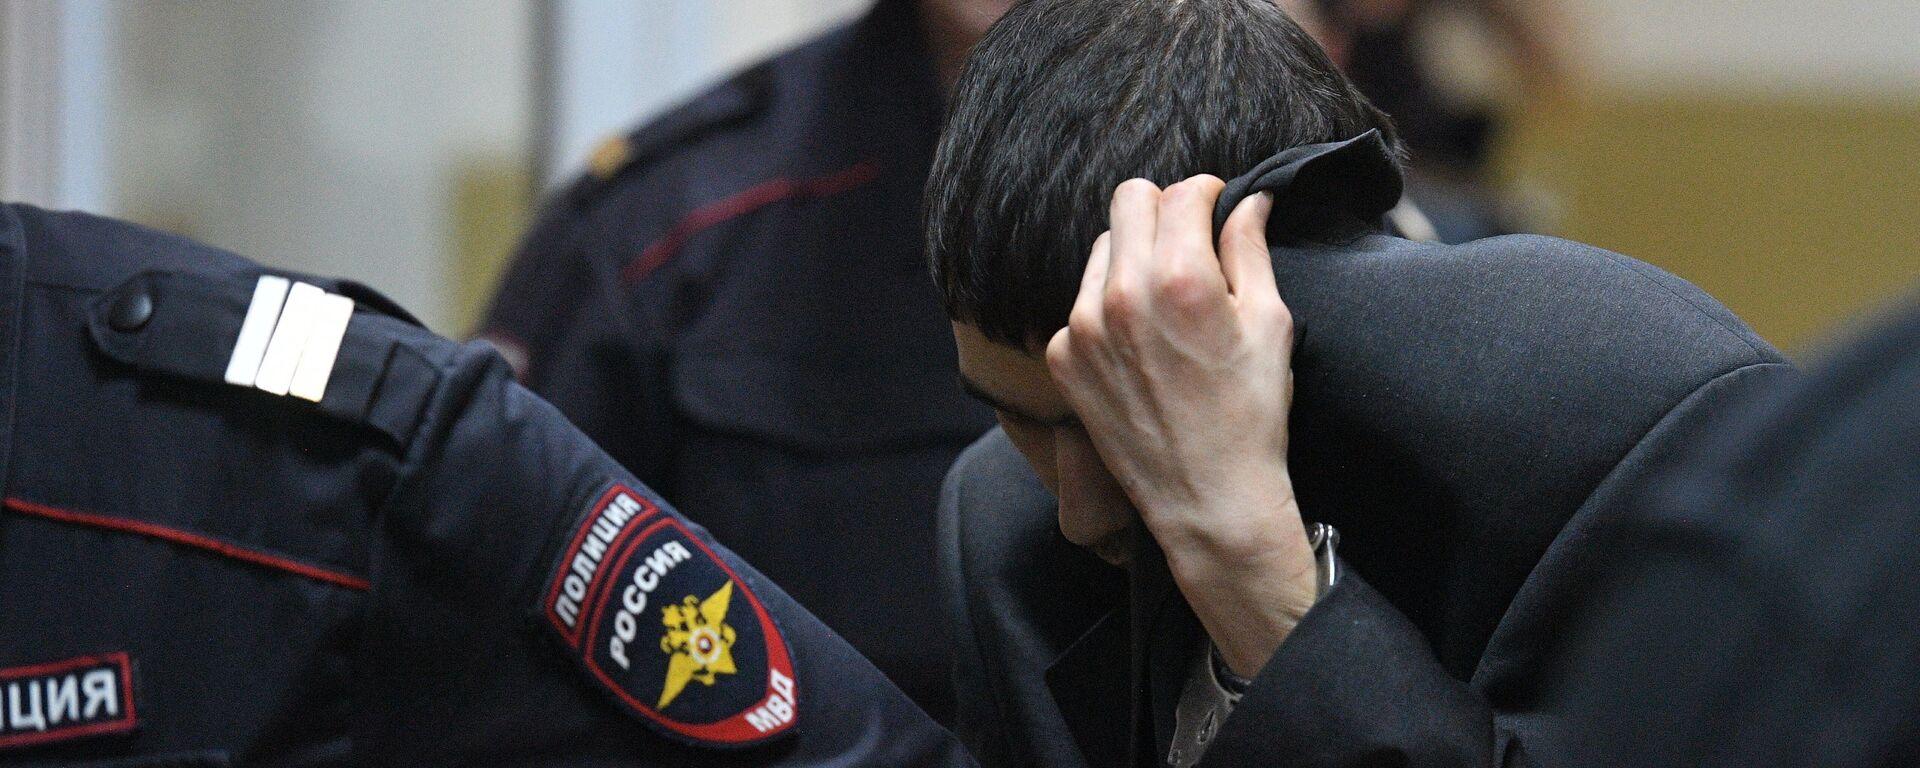 Рассмотрение ходатайства следствия об аресте А. Азимова в Басманном суде - Sputnik Таджикистан, 1920, 11.11.2020